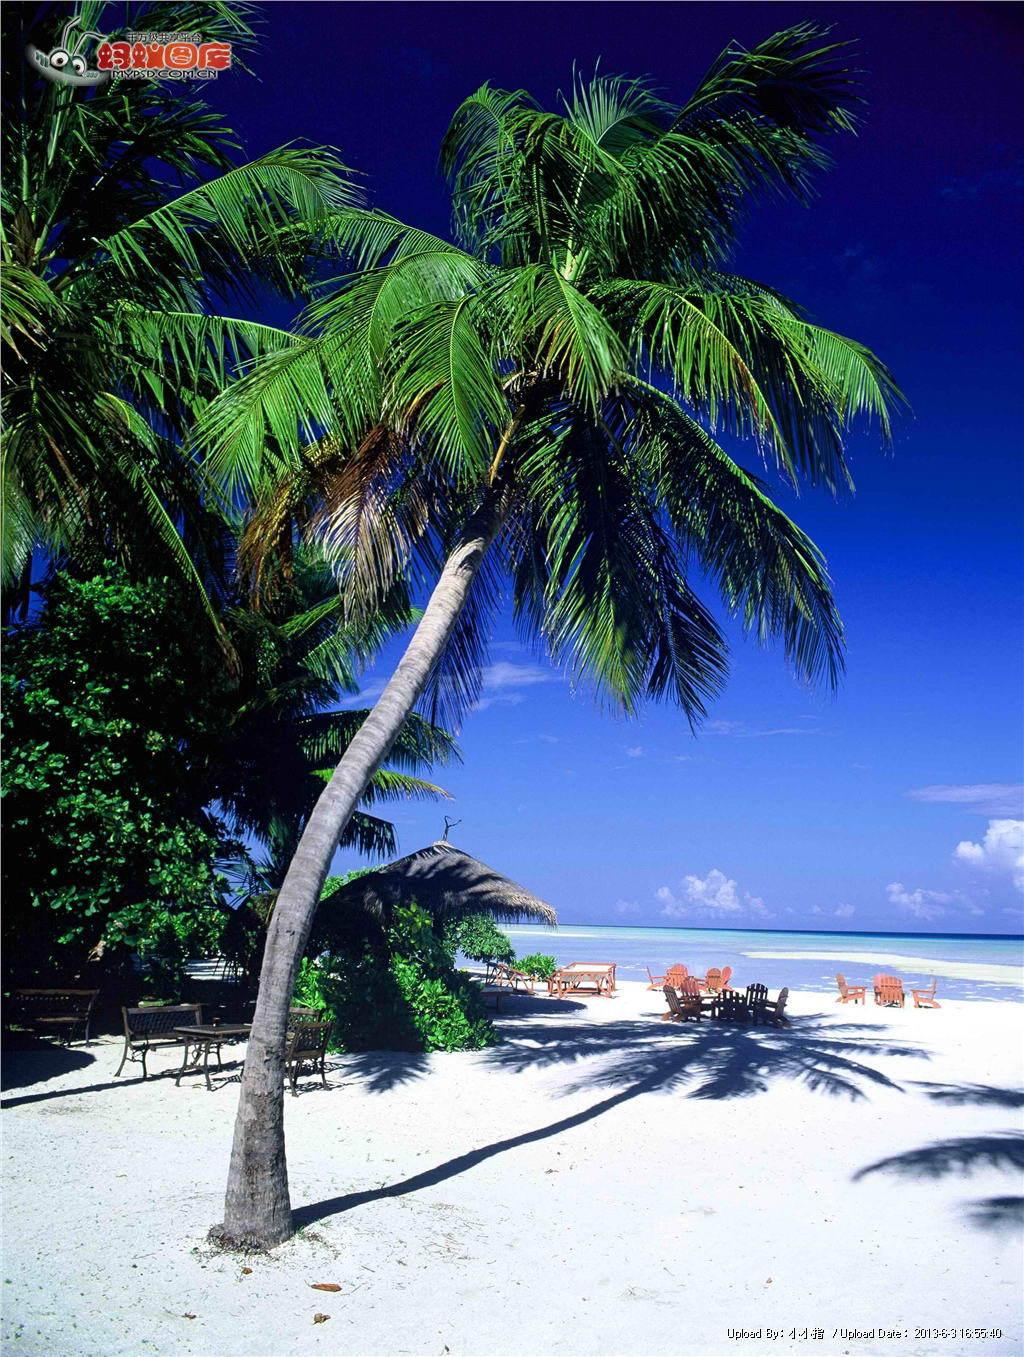 2k椰子树风景竖屏壁纸